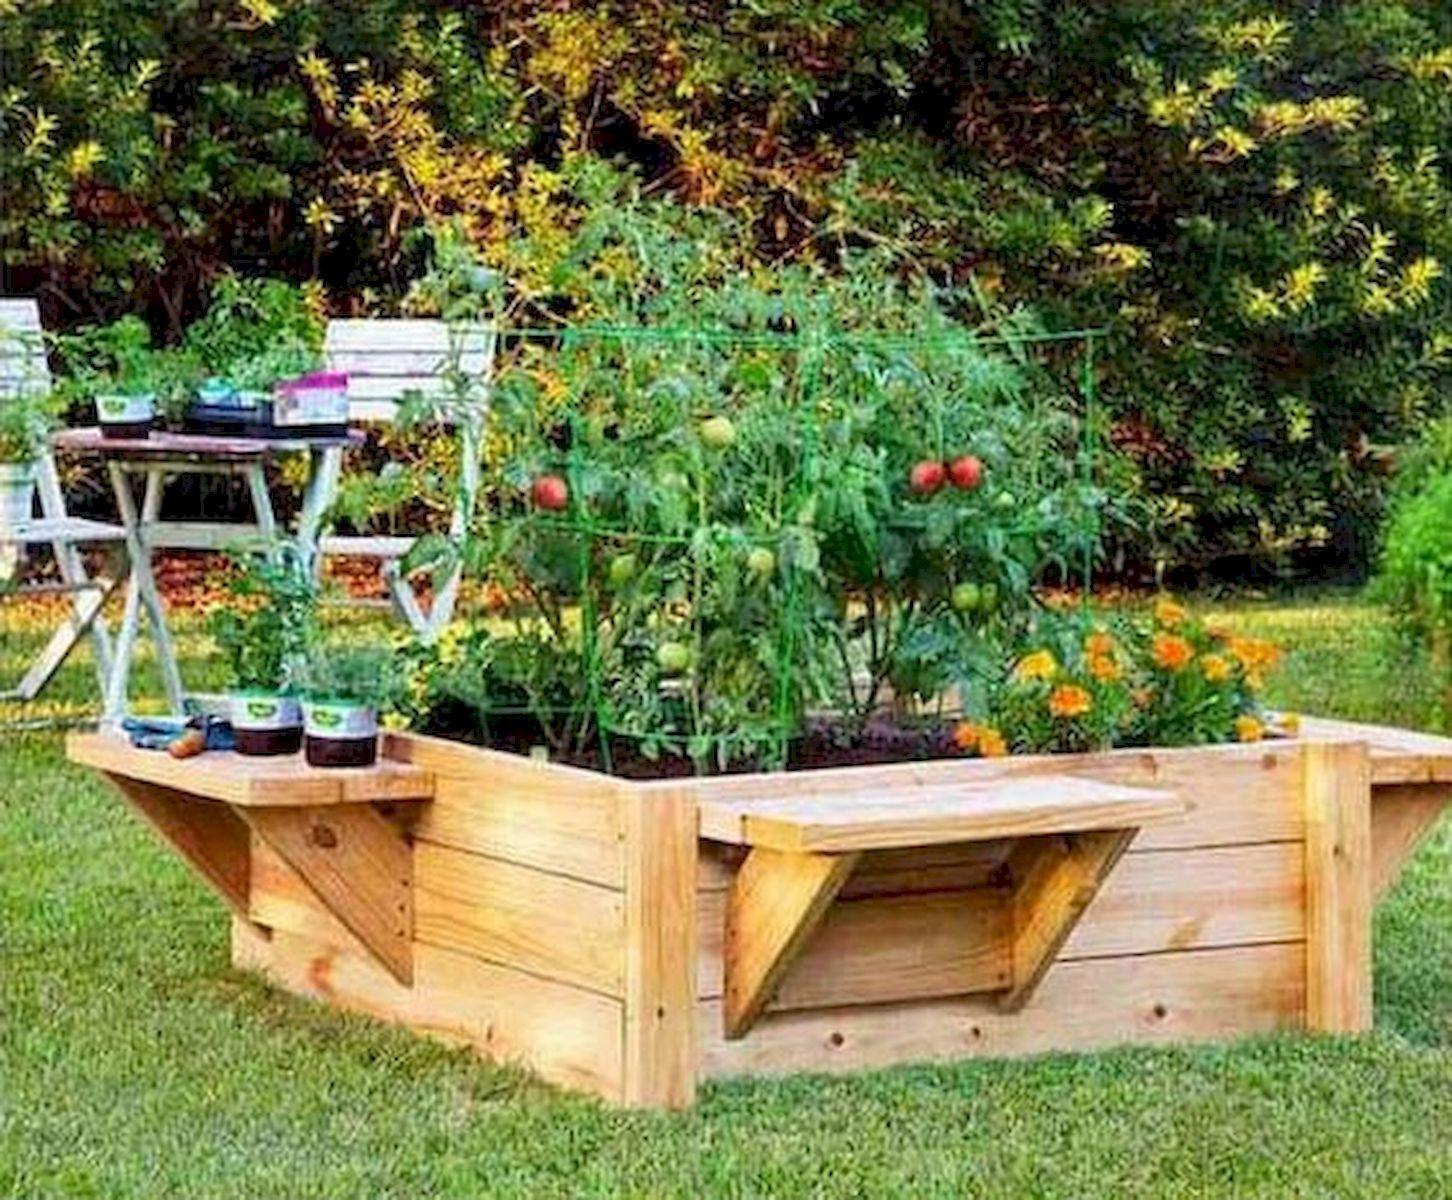 50 Inspiring Small Vegetable Garden Ideas (10)